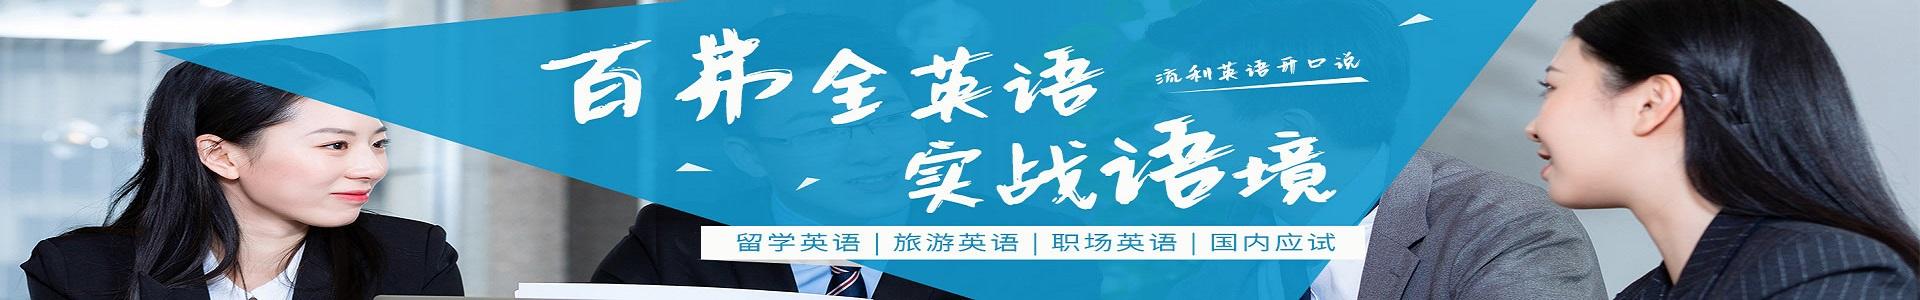 北京百弗英语培训学校